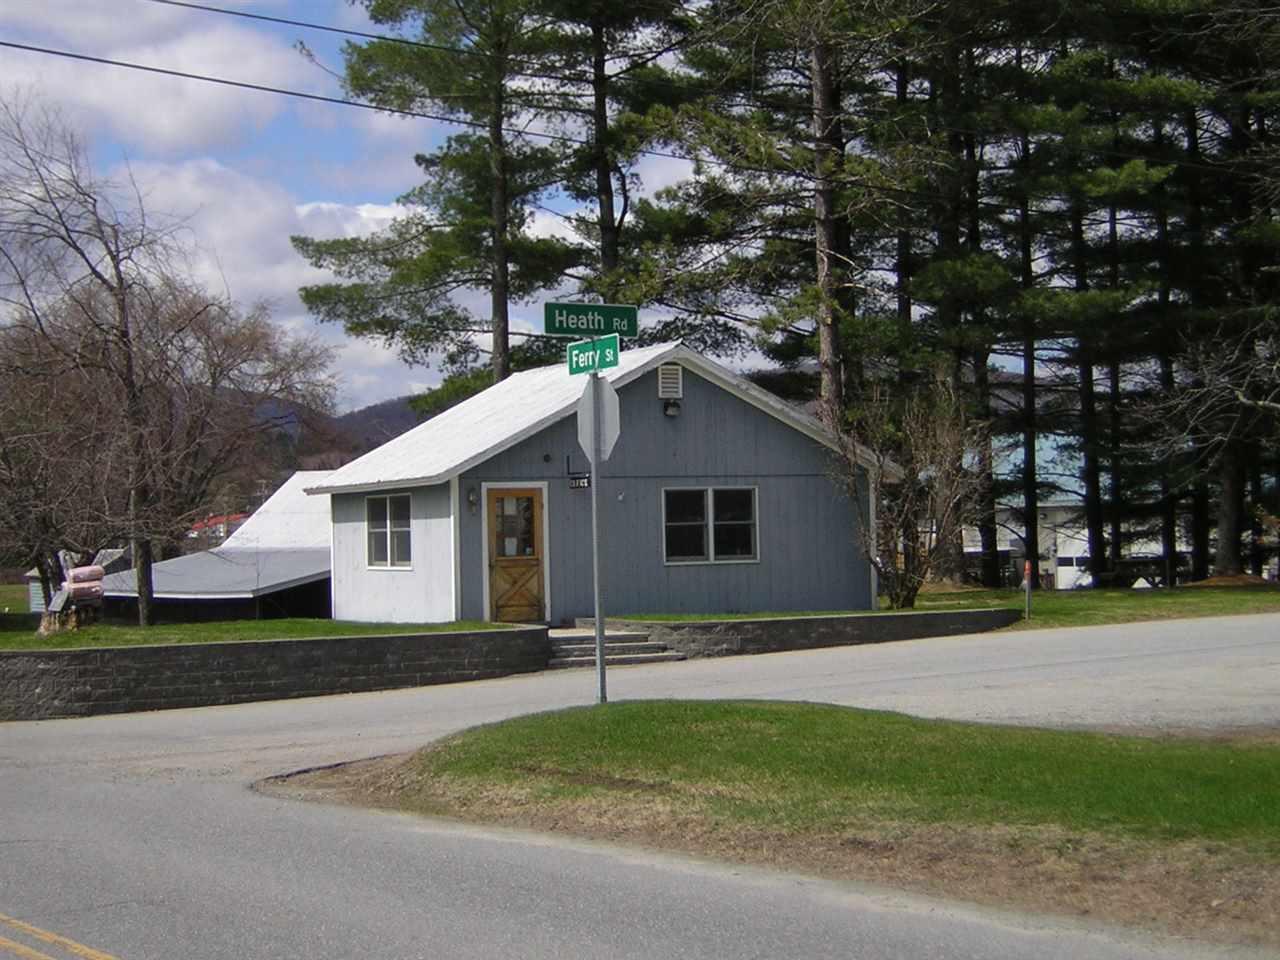 9 Heath Road - Photo 1